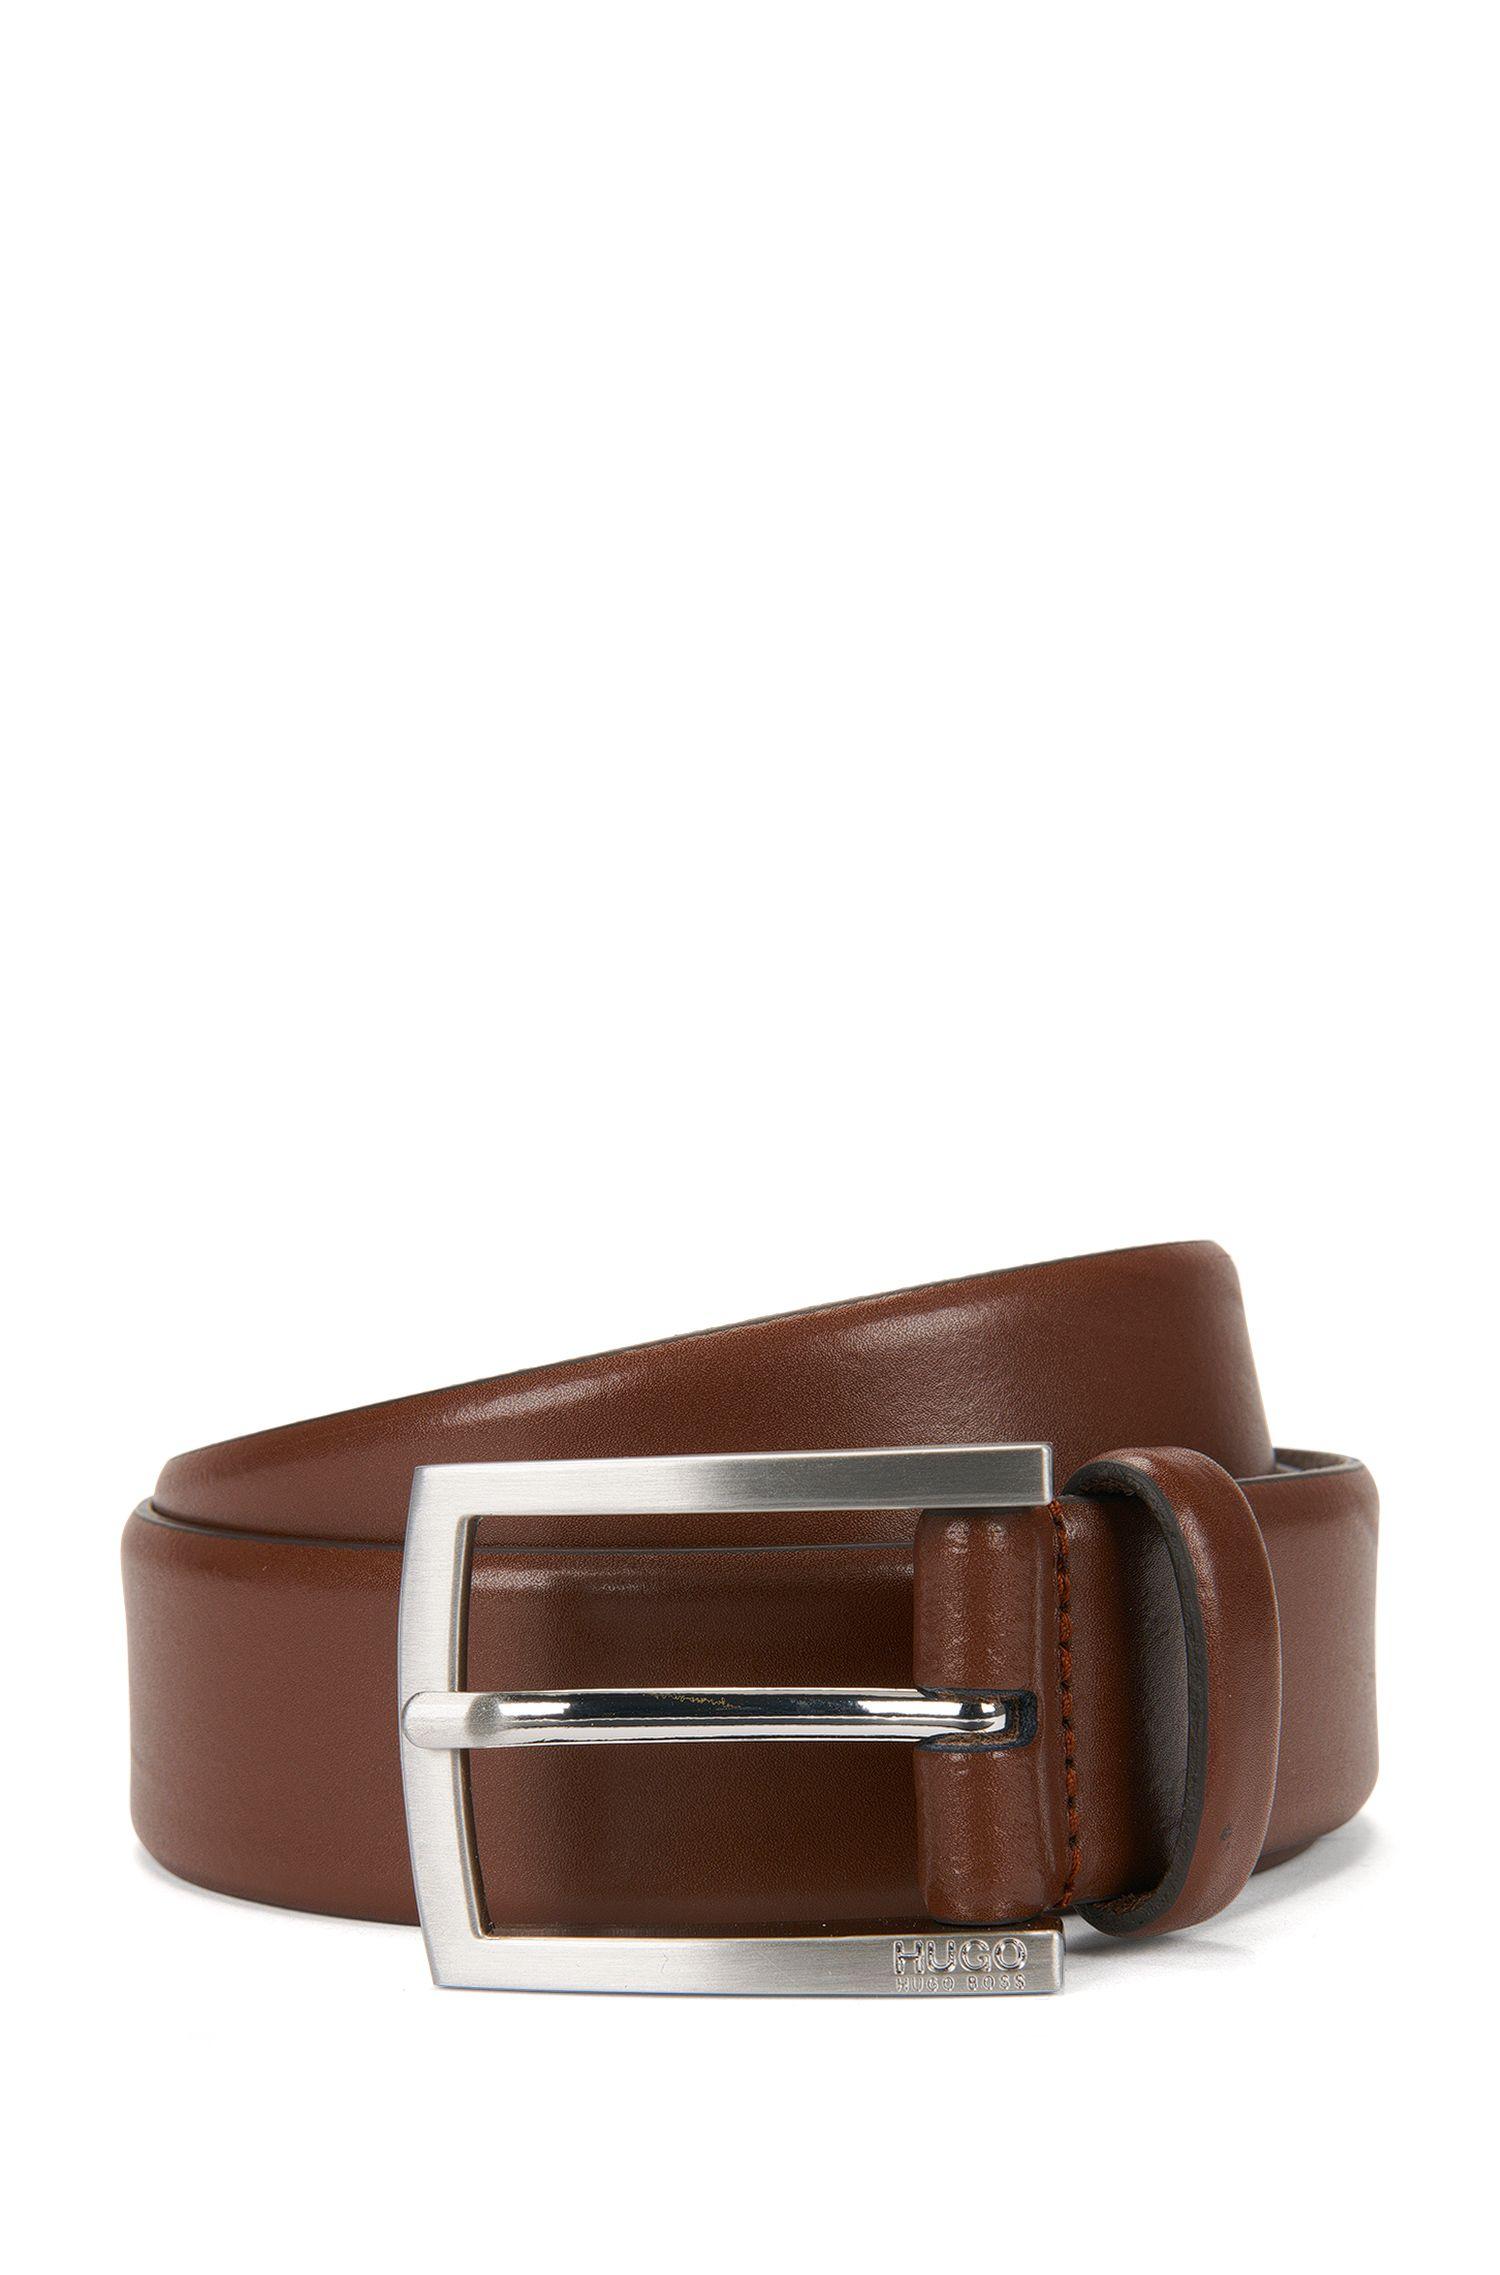 Cintura in pelle con fibbia ad ardiglione in metallo spazzolato HUGO Uomo